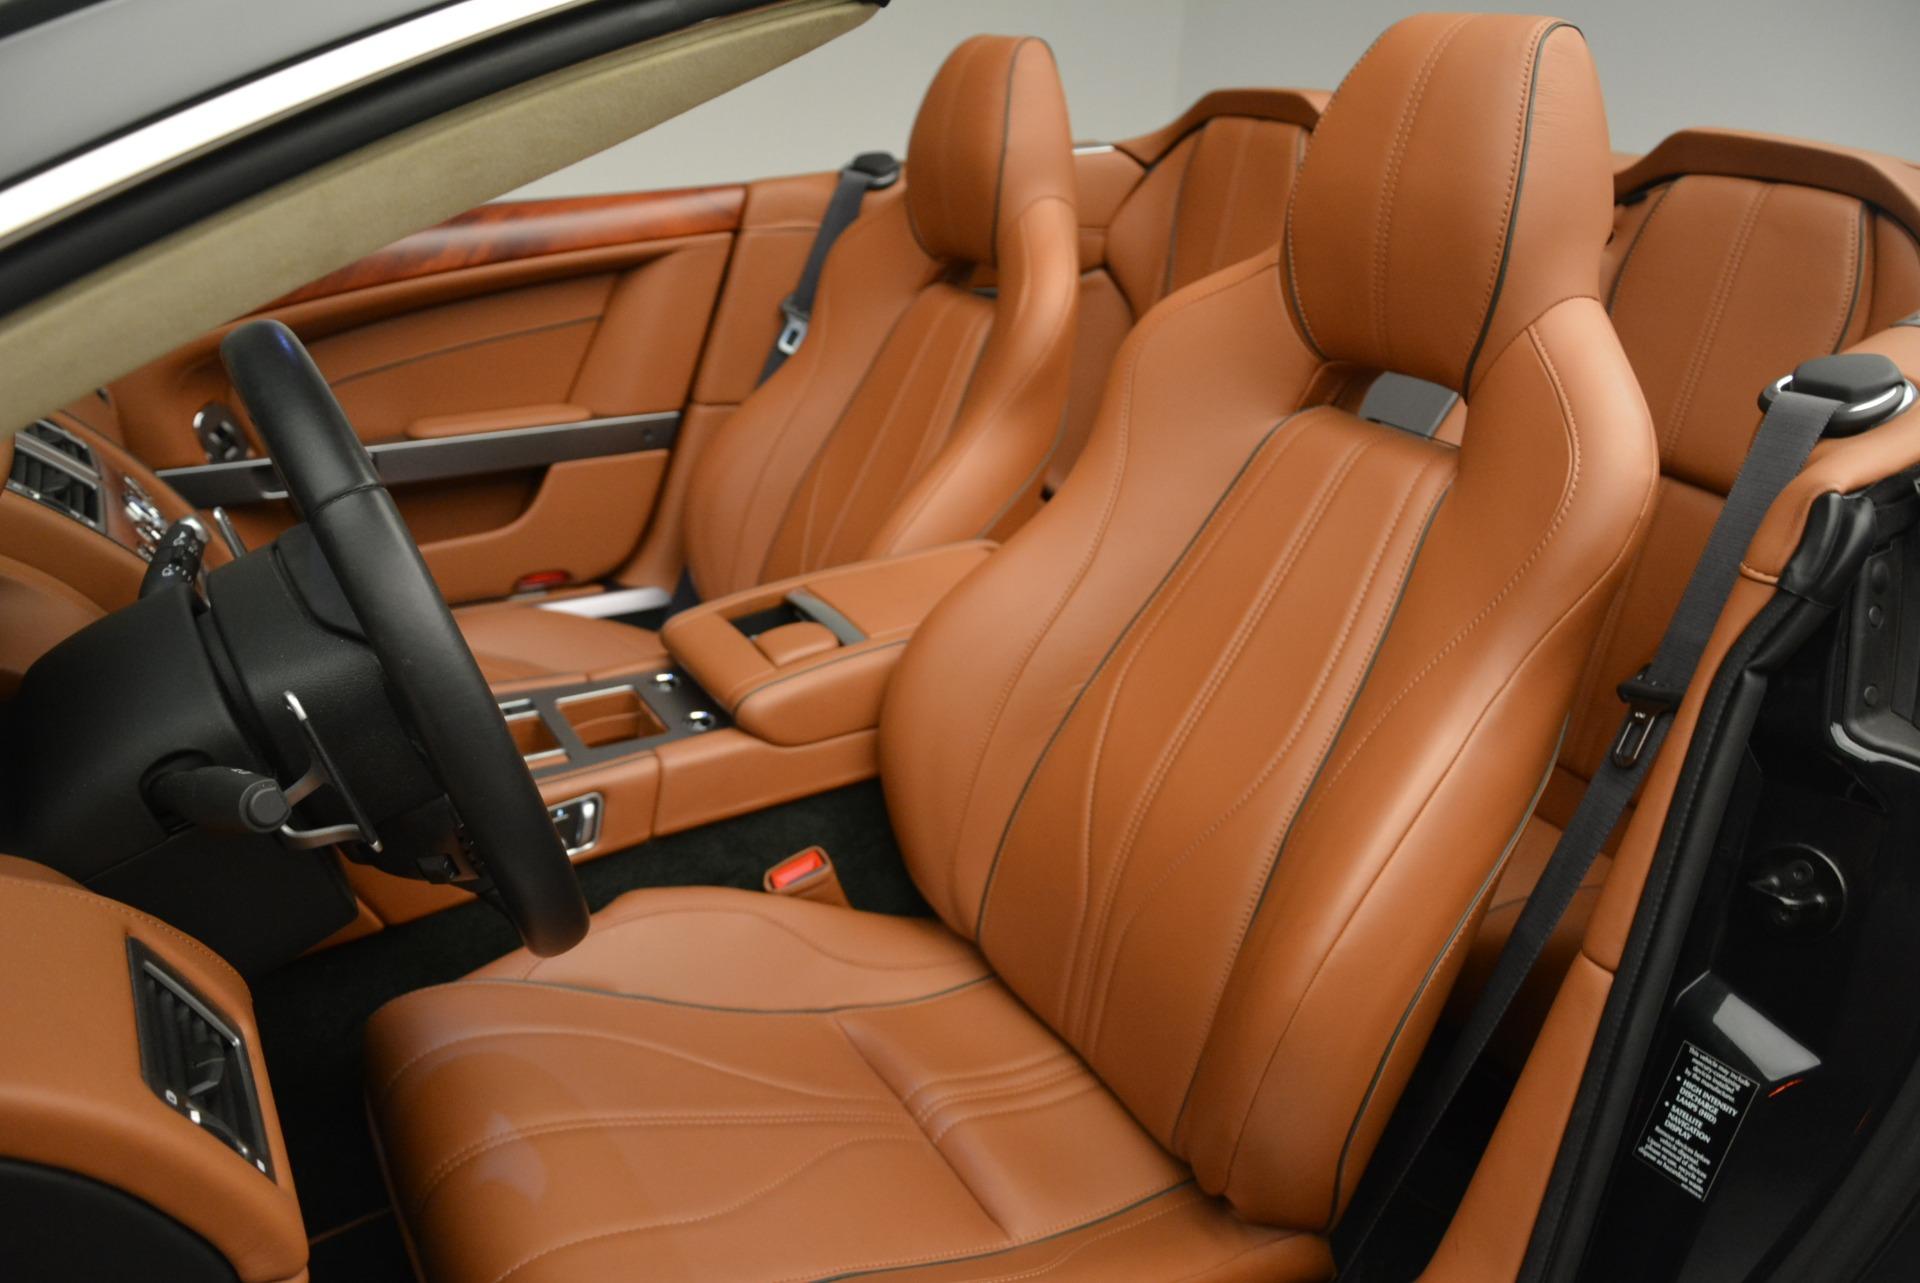 Used 2012 Aston Martin Virage Volante For Sale In Greenwich, CT. Alfa Romeo of Greenwich, 7641 2508_p21